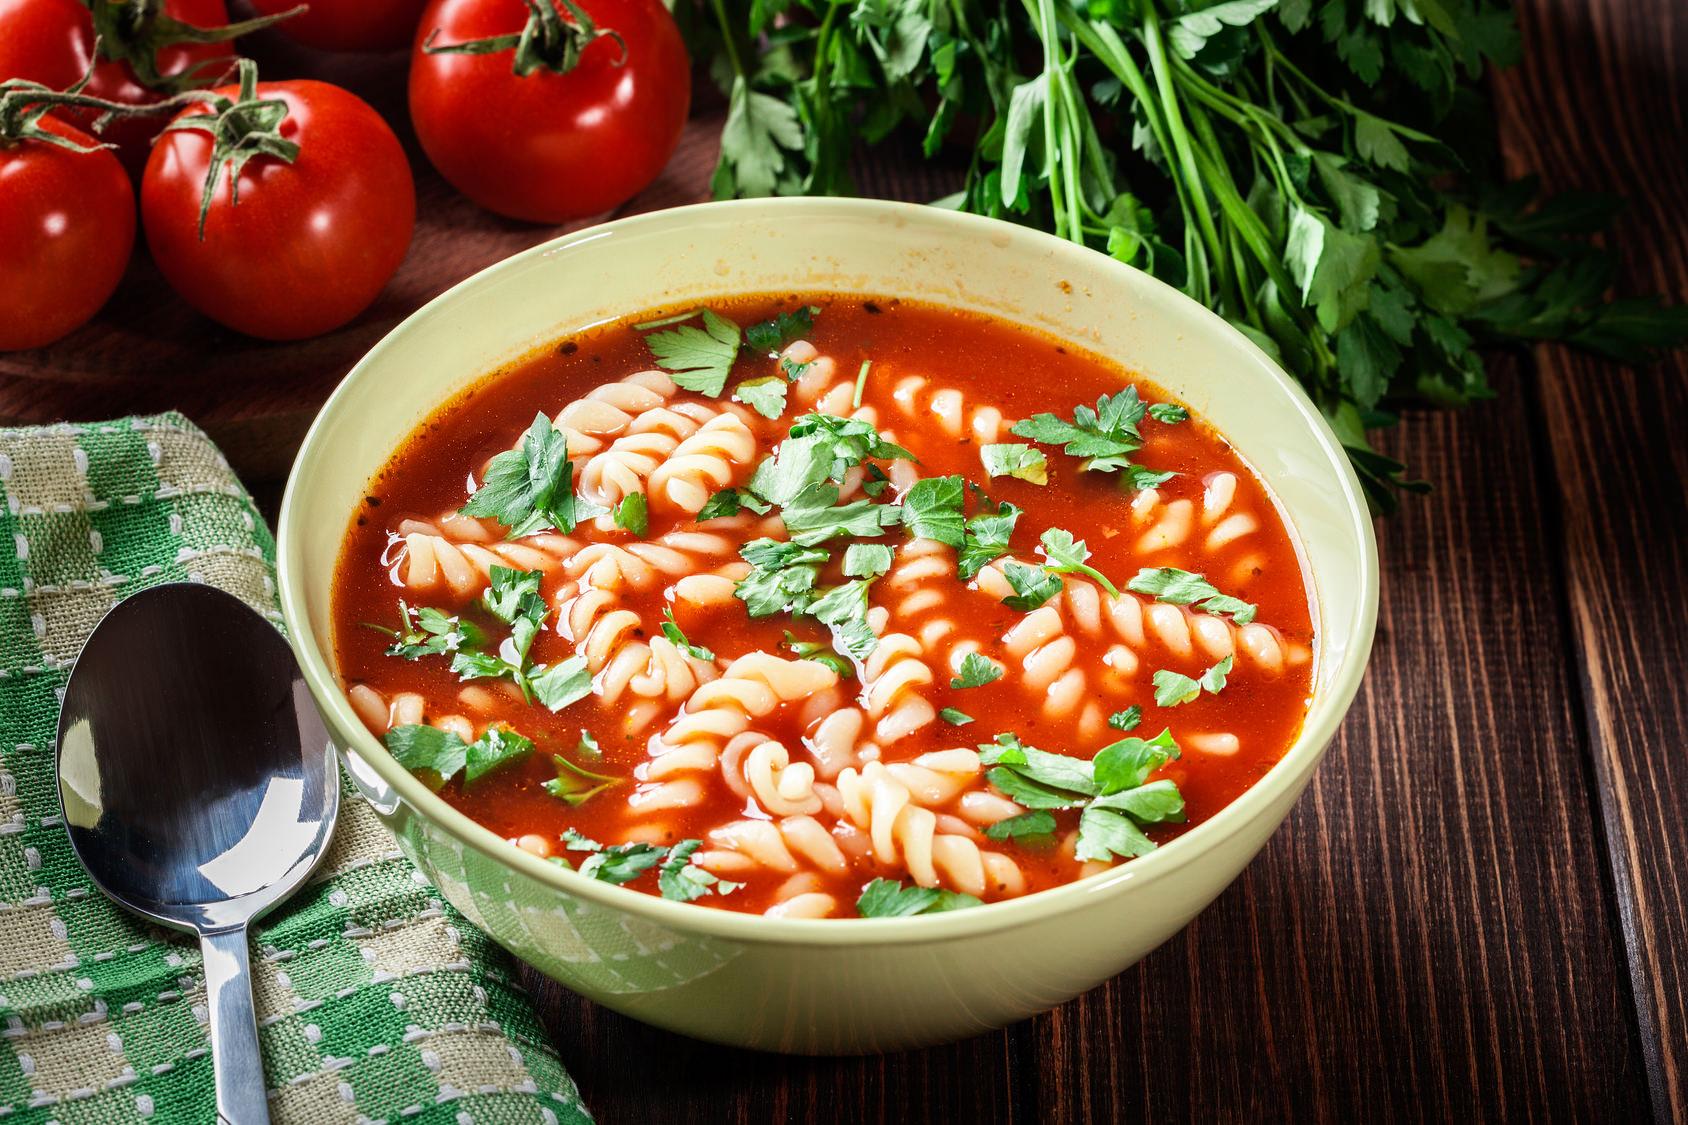 potage de tomate une d licieuse soupe repas d 39 hiver servir bien chaude les recettes de cuisine. Black Bedroom Furniture Sets. Home Design Ideas